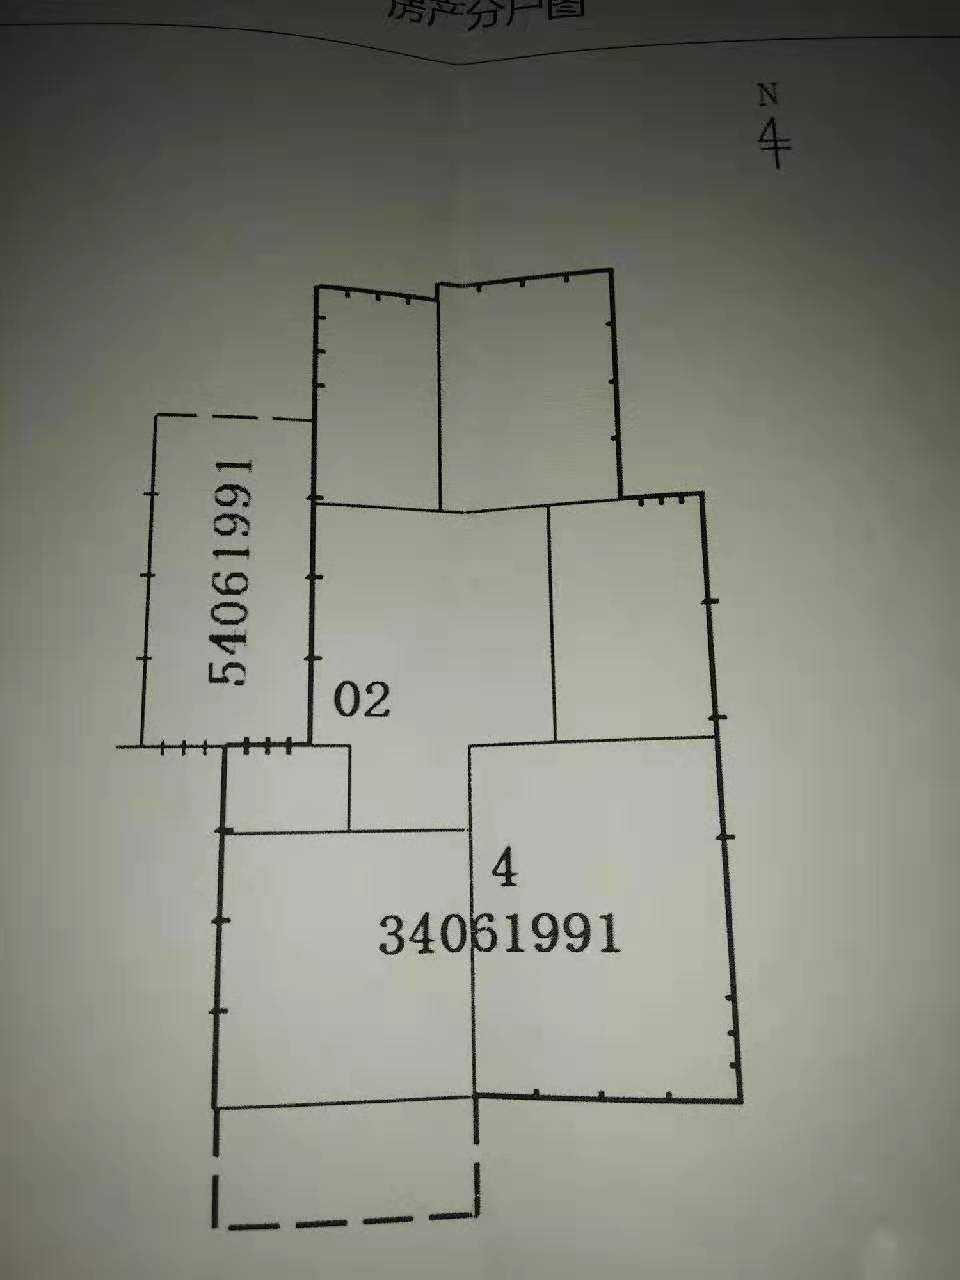 09097出售城北官河里,四楼,总高六楼 三室两厅,中装修  82平方,车棚一个,城北城关随时可读,65.5万的实拍照片